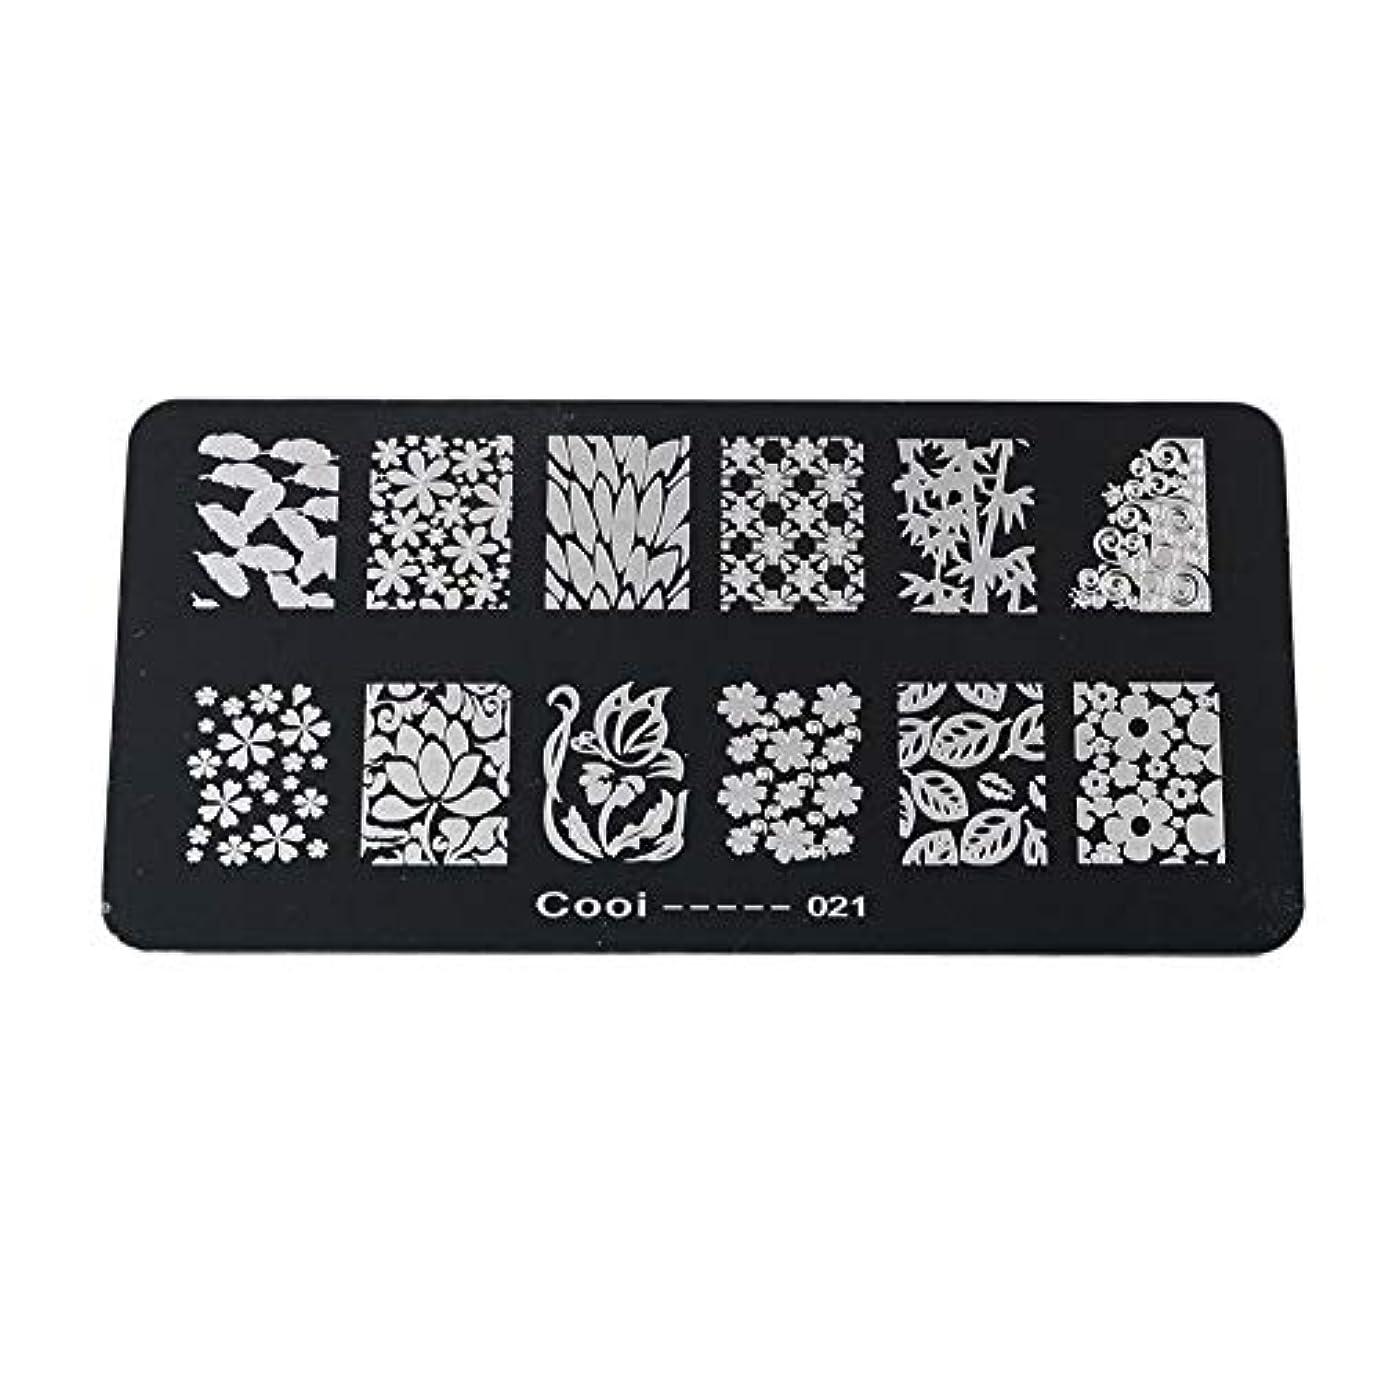 セーブ上級同様に耐久性のあるステンレス鋼の長方形のネイルアートスタンピングプレート-DIYマニキュア印刷イメージテンプレート(05)